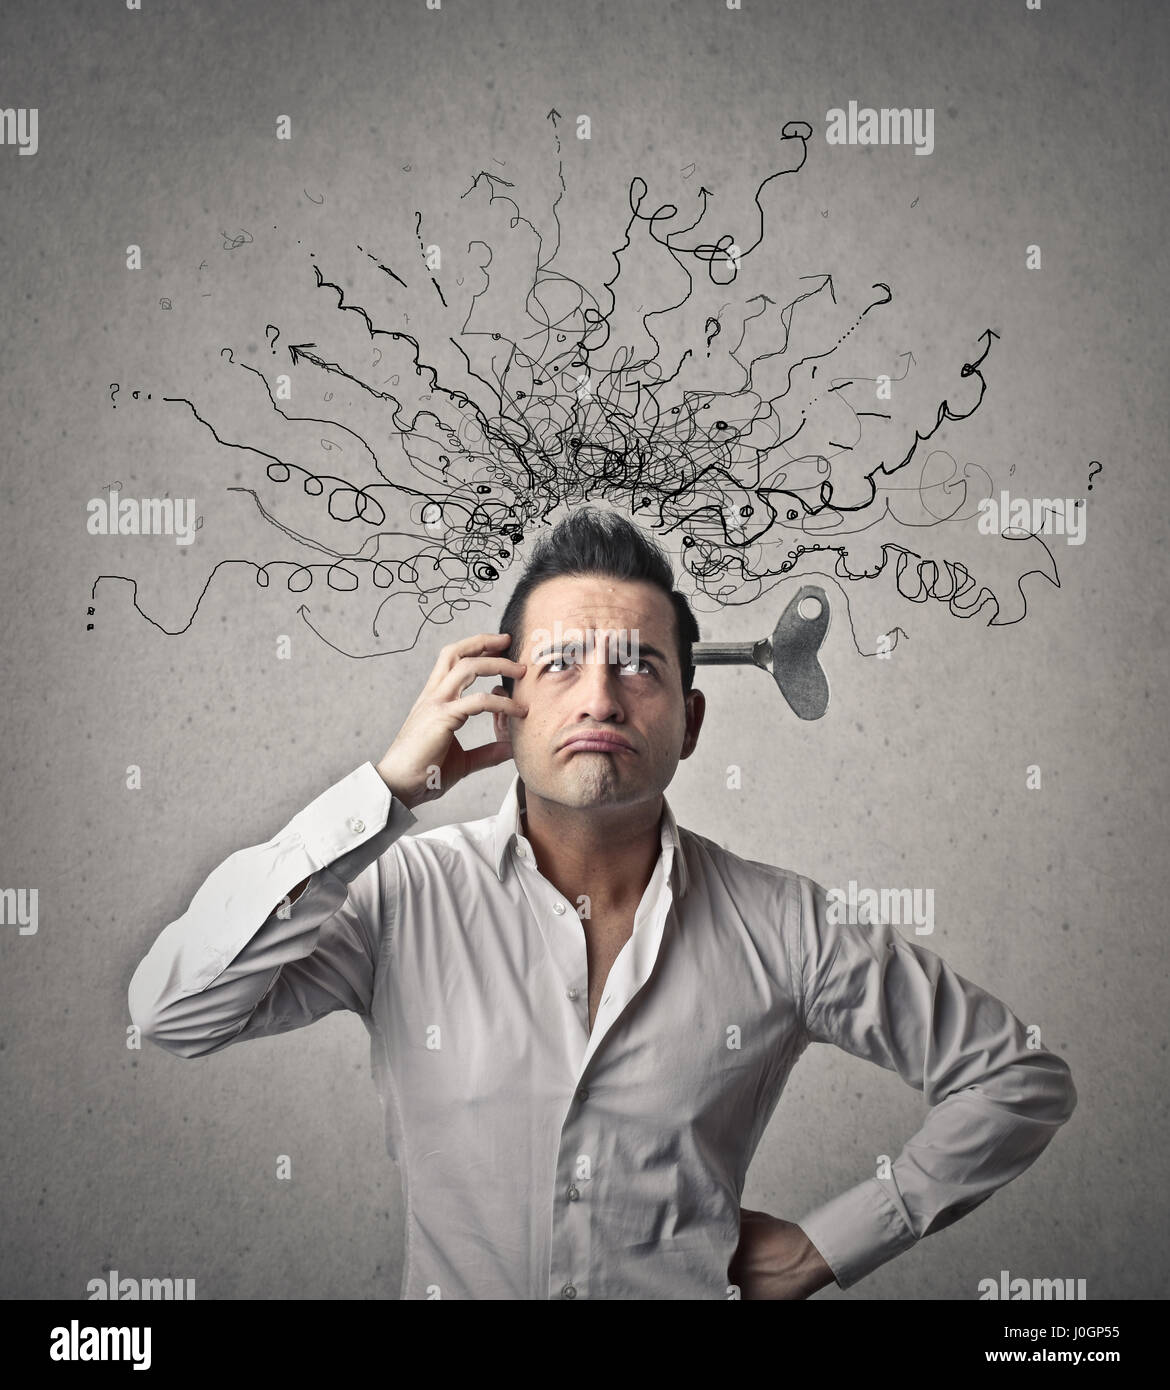 Geschäftsmann mit einem Durcheinander im Kopf Stockbild